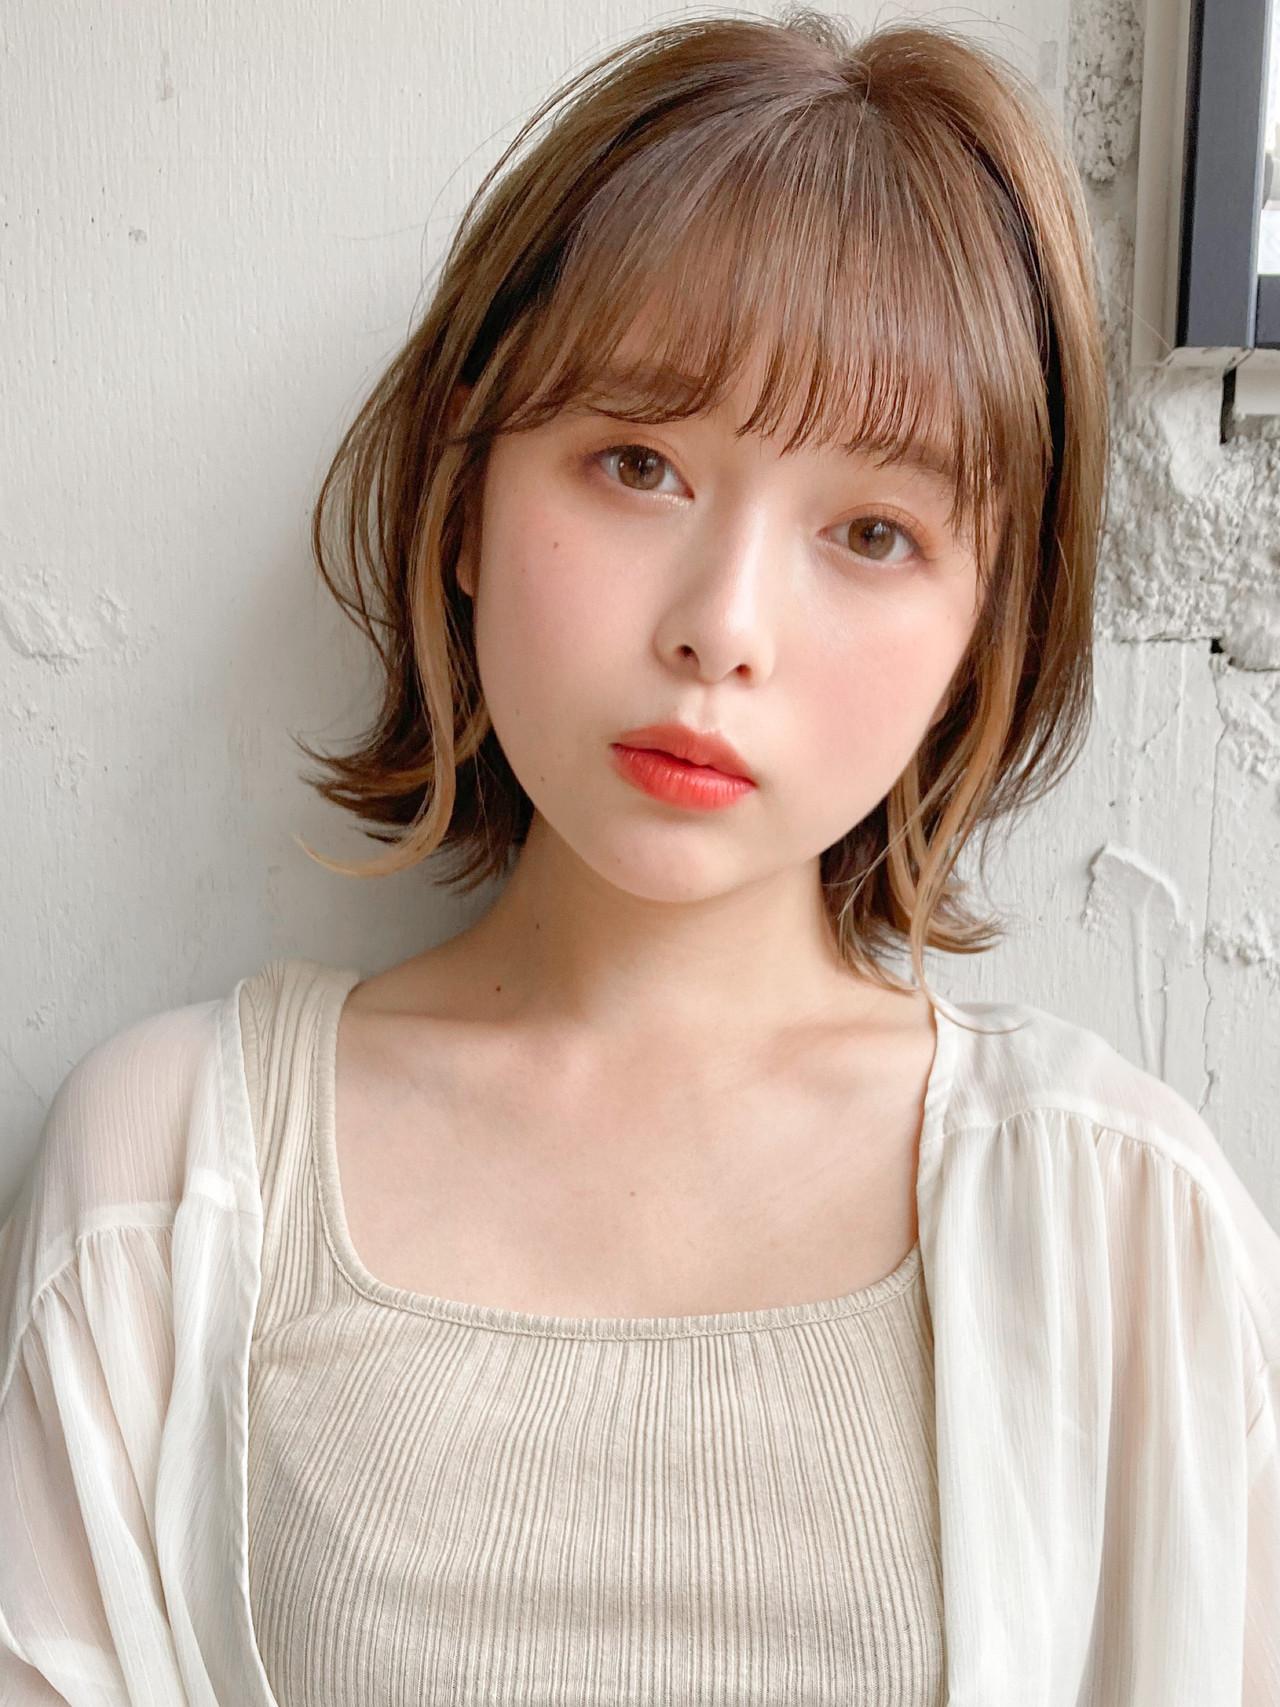 ヘアアレンジ ハンサムショート 似合わせカット 前髪ありヘアスタイルや髪型の写真・画像